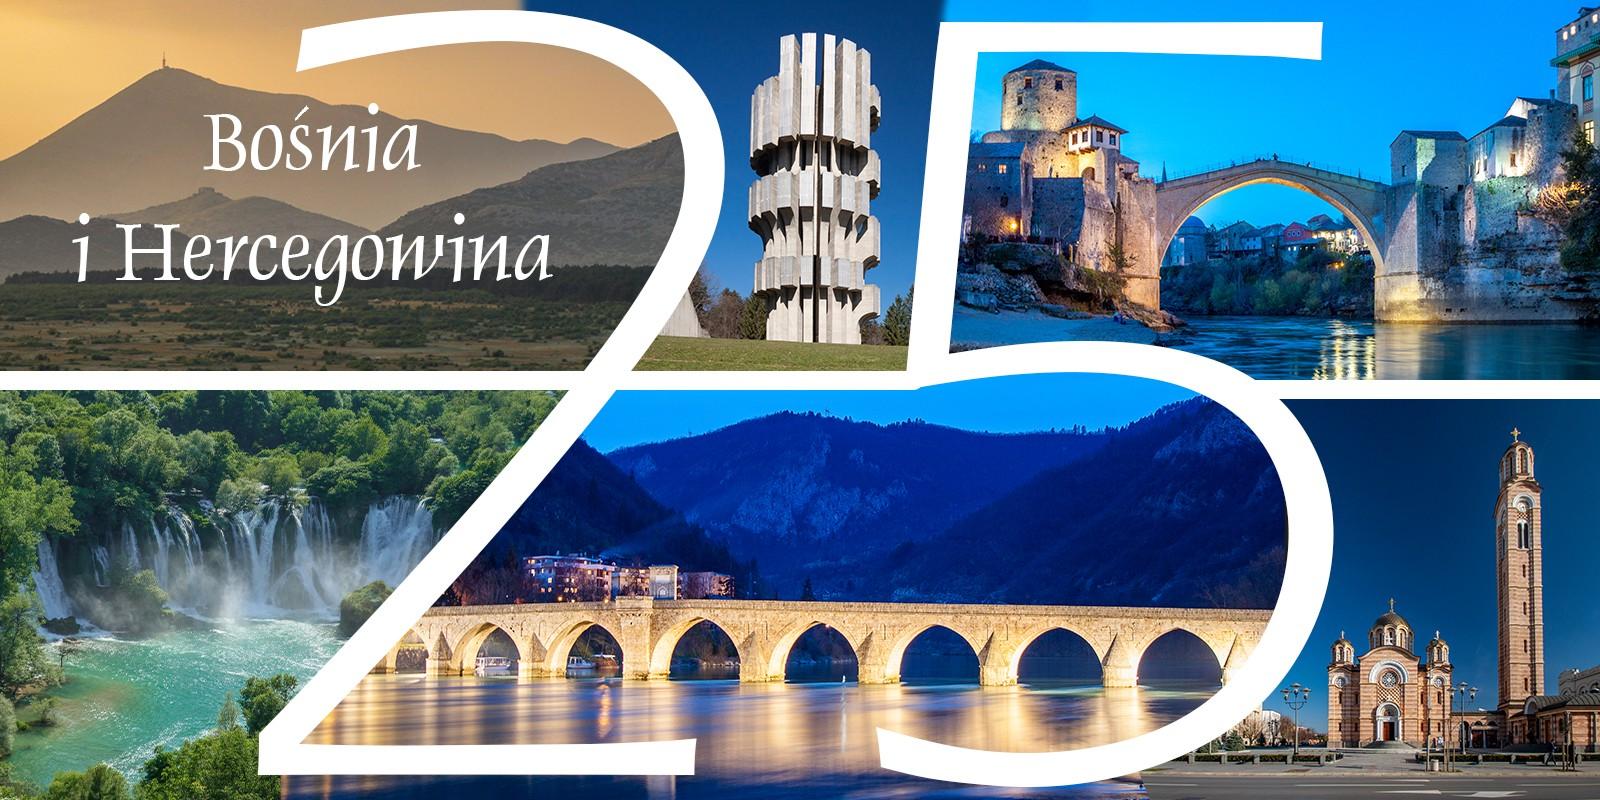 Bośnia i Hercegowina atrakcje zwiedzanie sarajweo mostar Bałkany Trebinje Banja luka